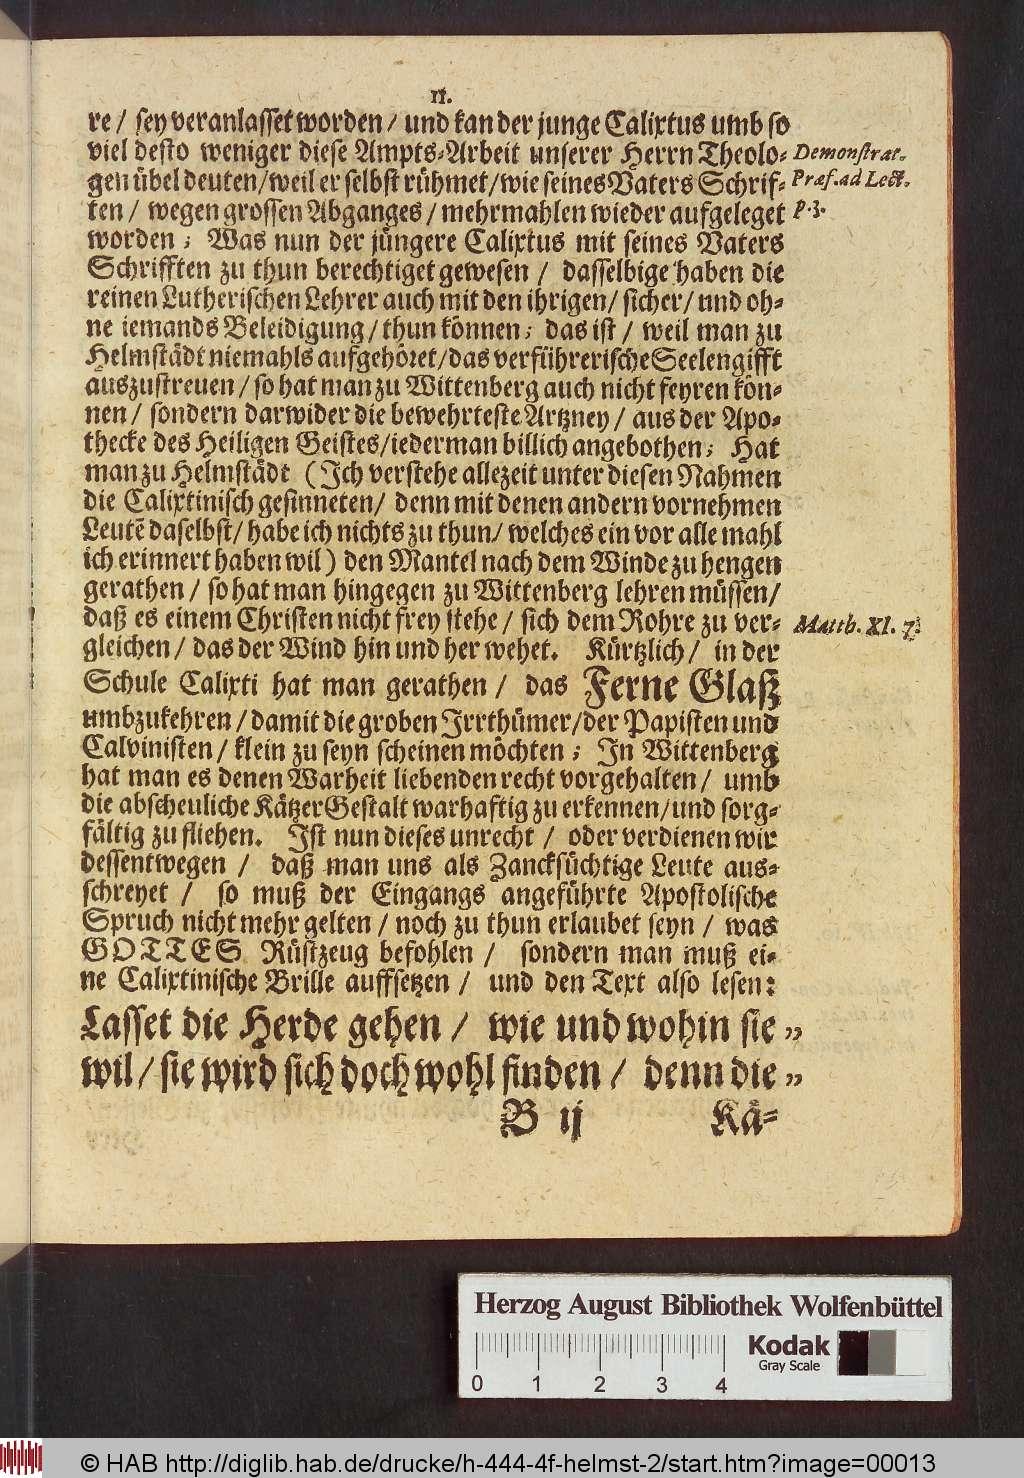 http://diglib.hab.de/drucke/h-444-4f-helmst-2/00013.jpg